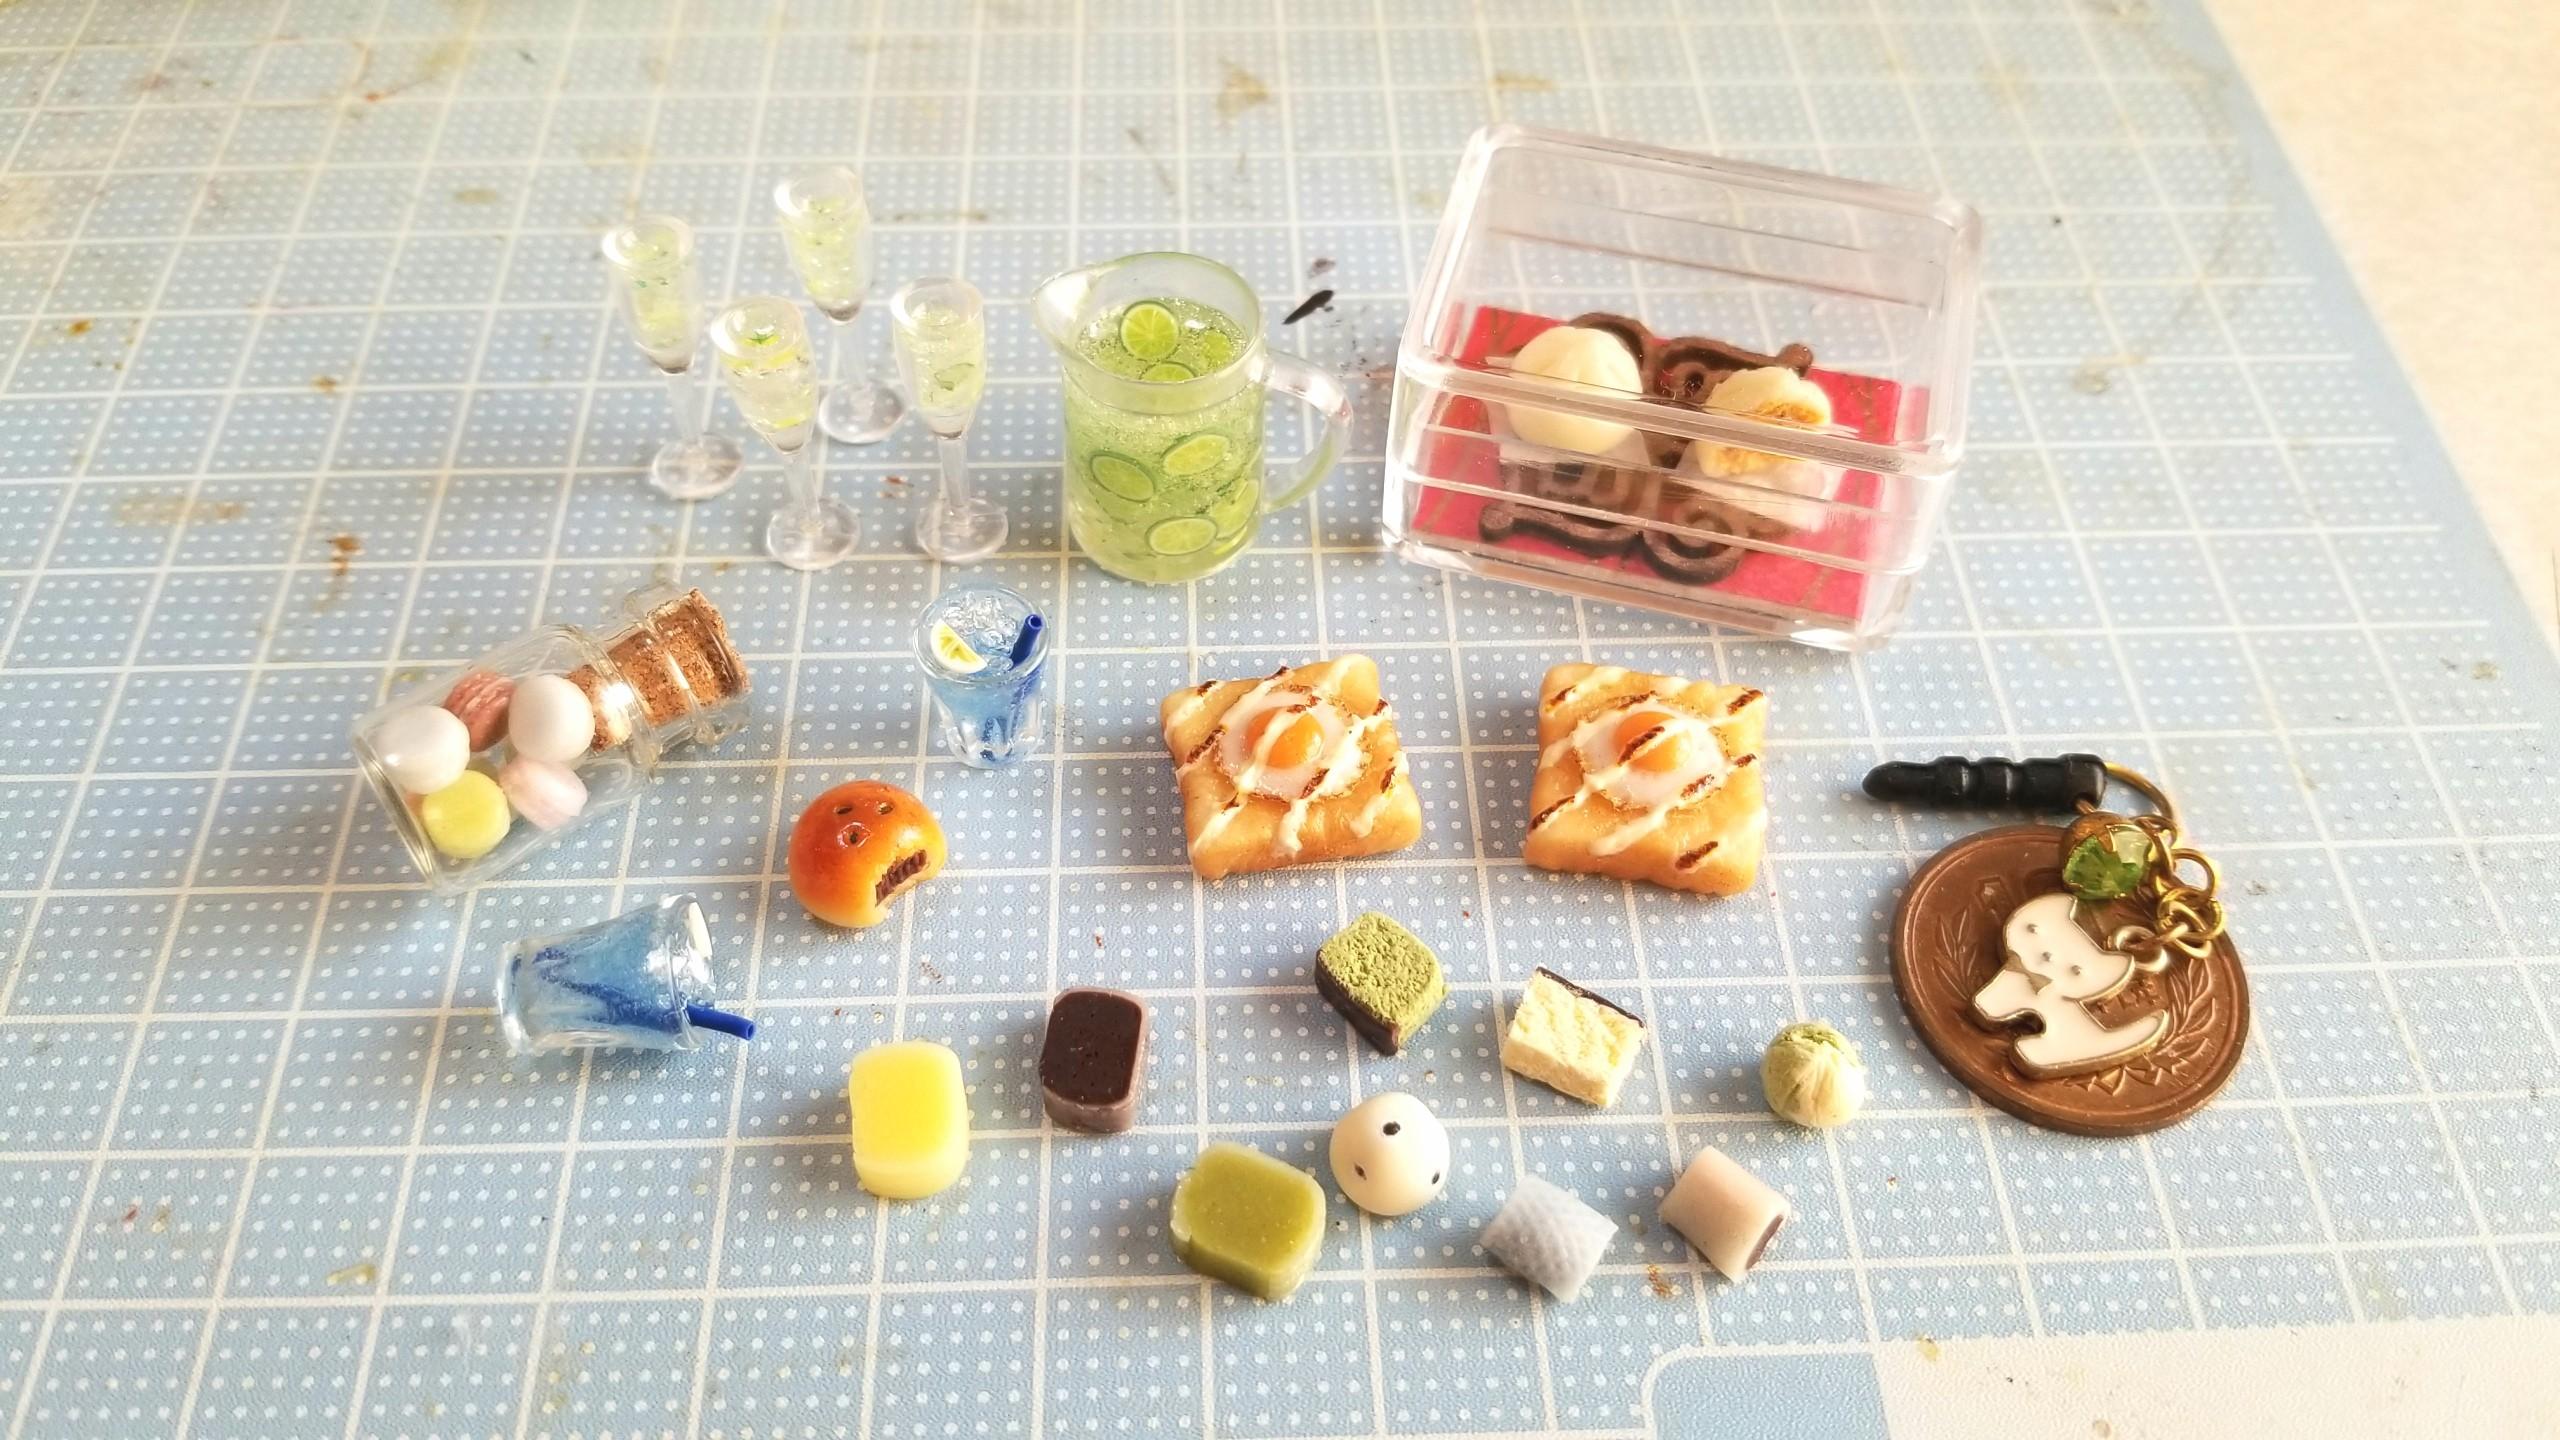 ミニチュアフード世界,かわいい小さい,ドール用小物おもちゃ,ブログ